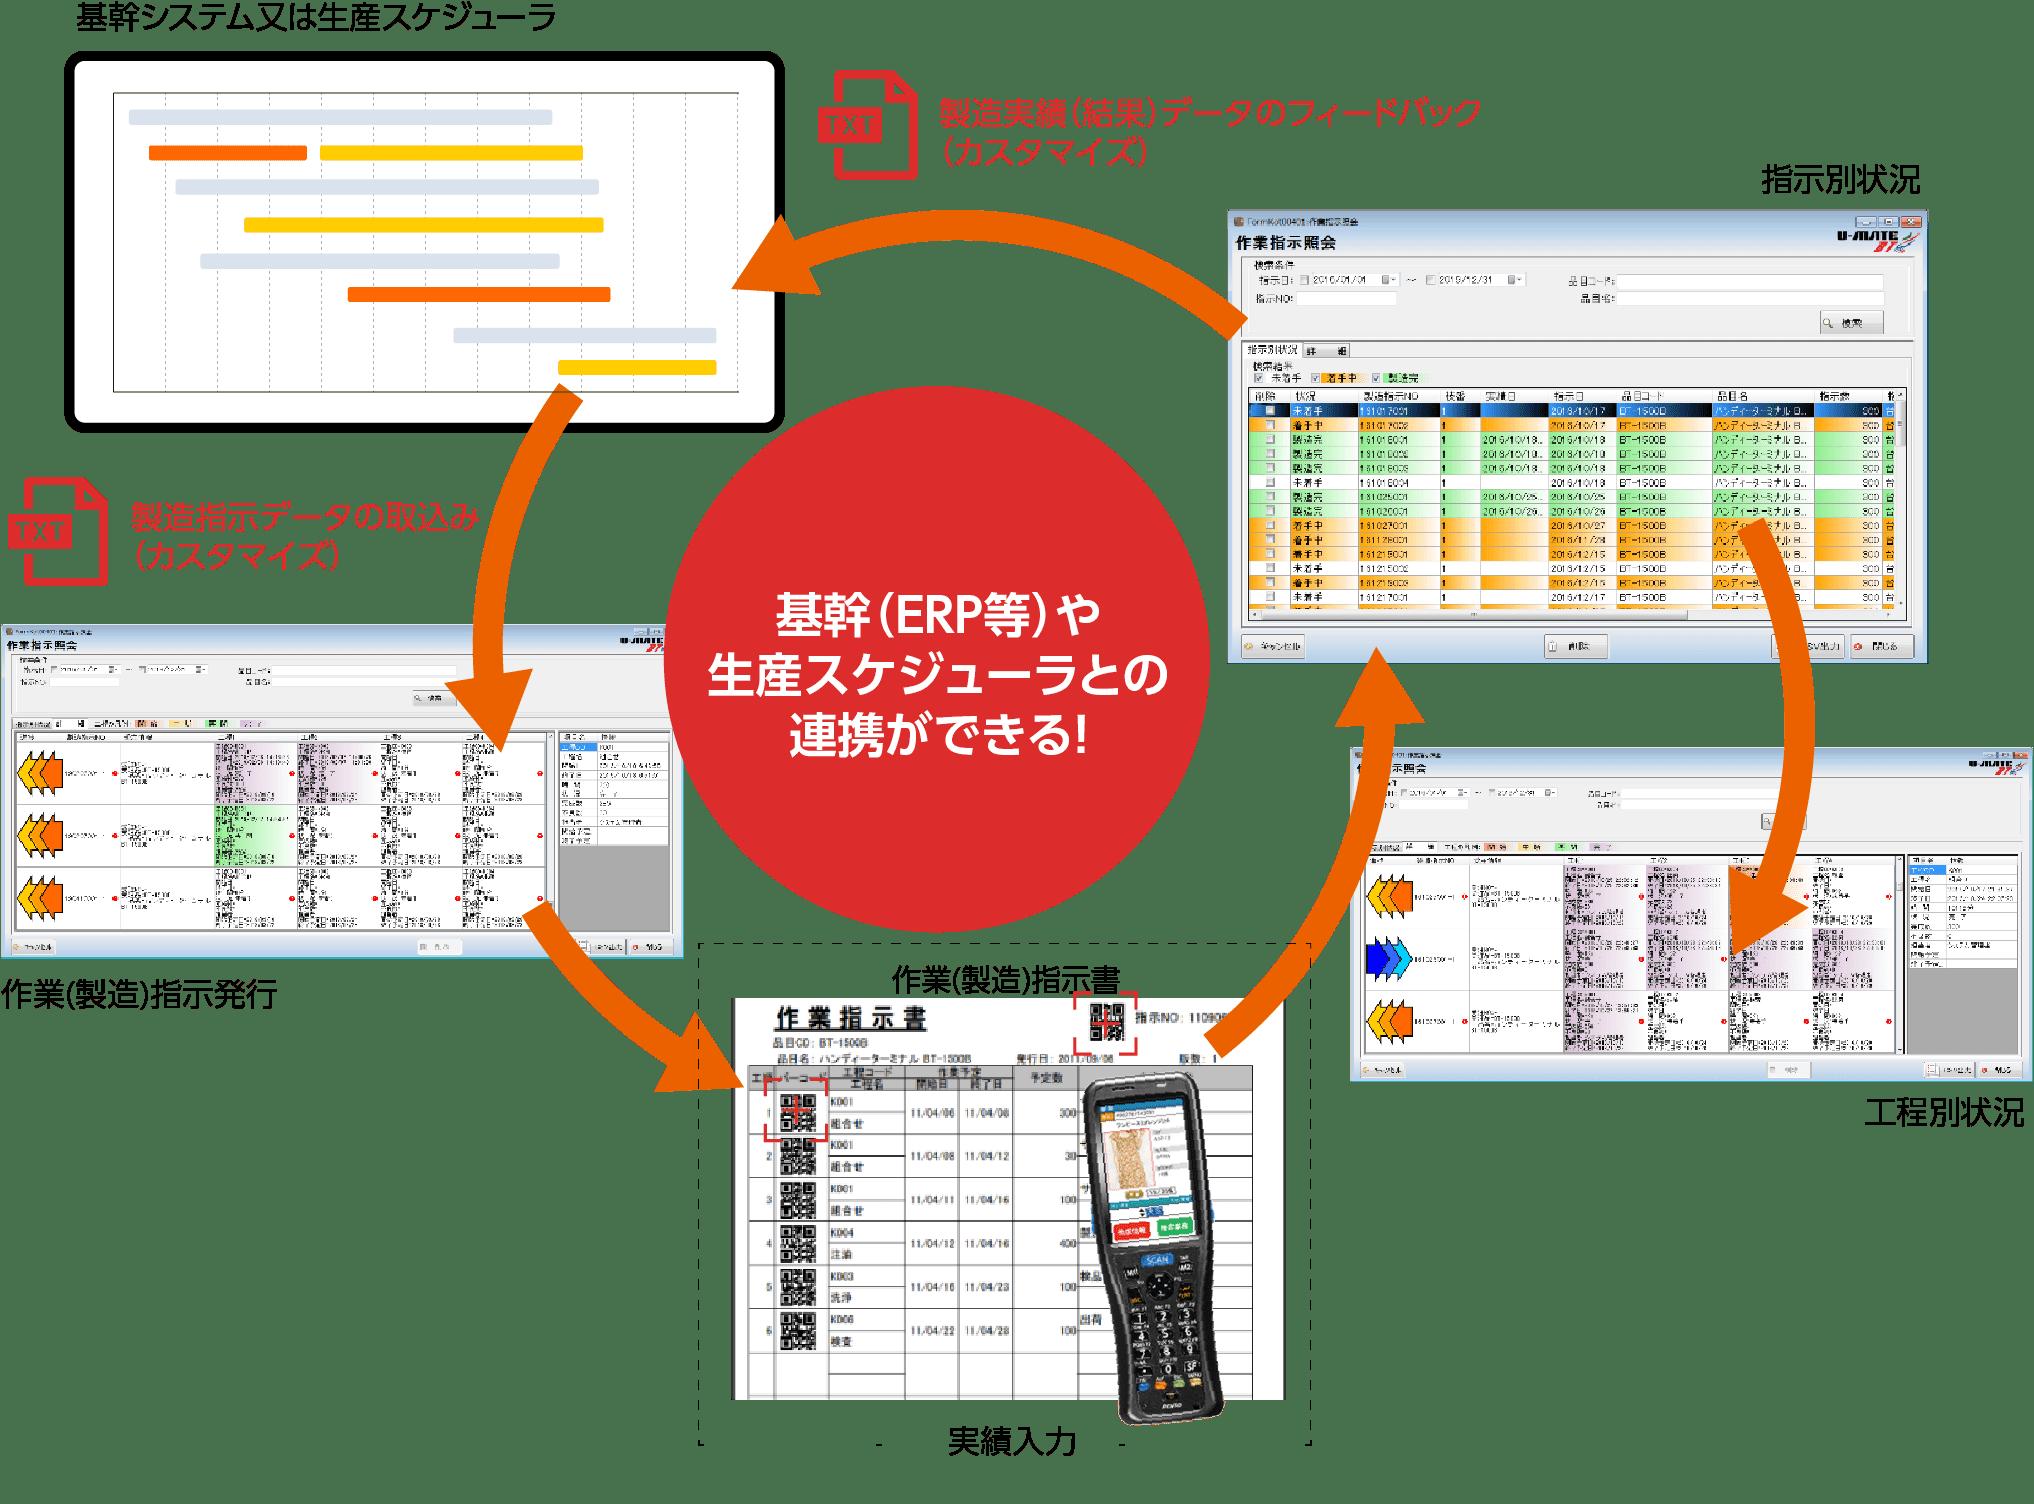 基幹システムとの連携